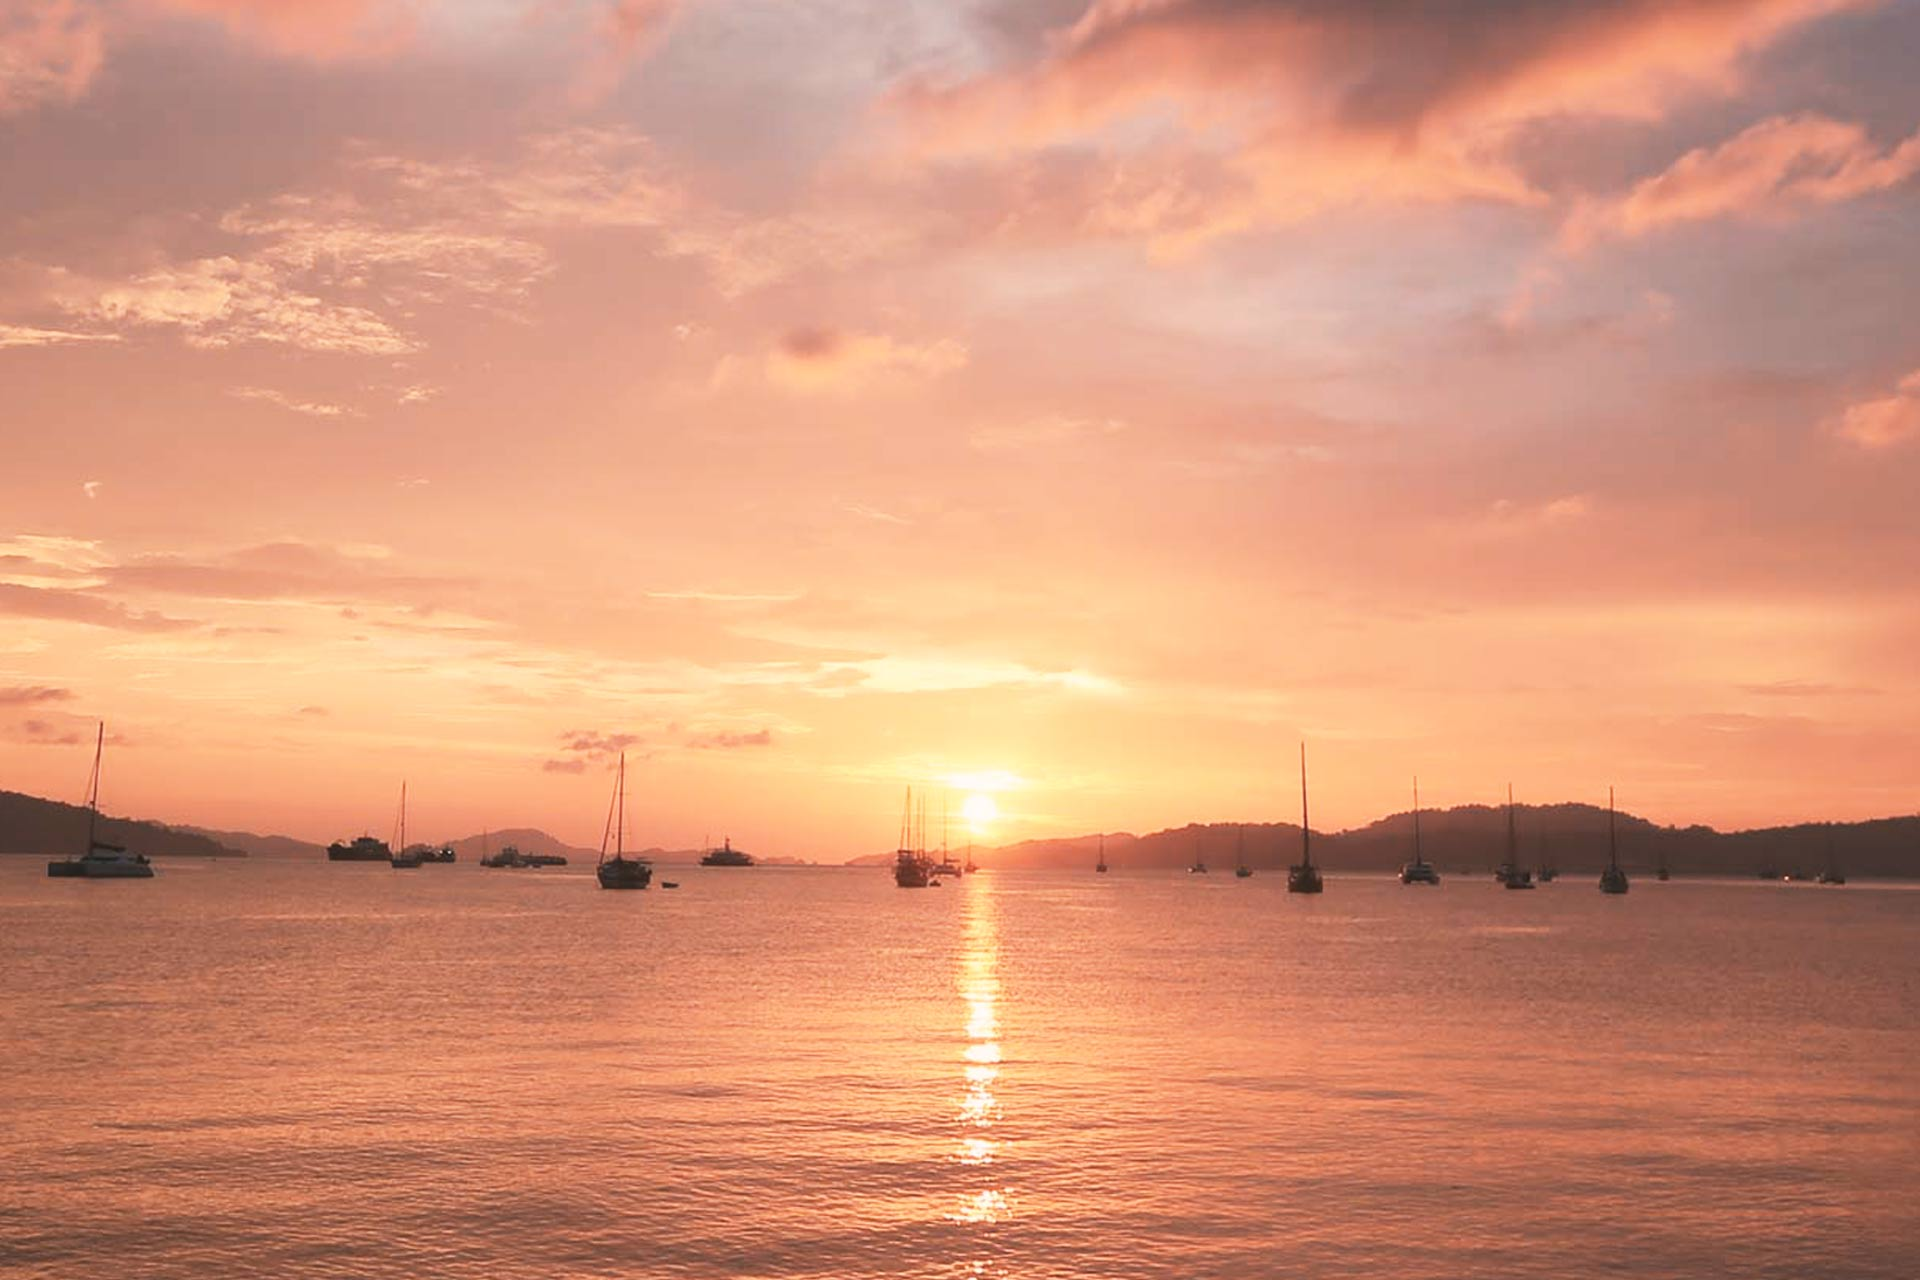 Land Malaysia Sonnenuntergang